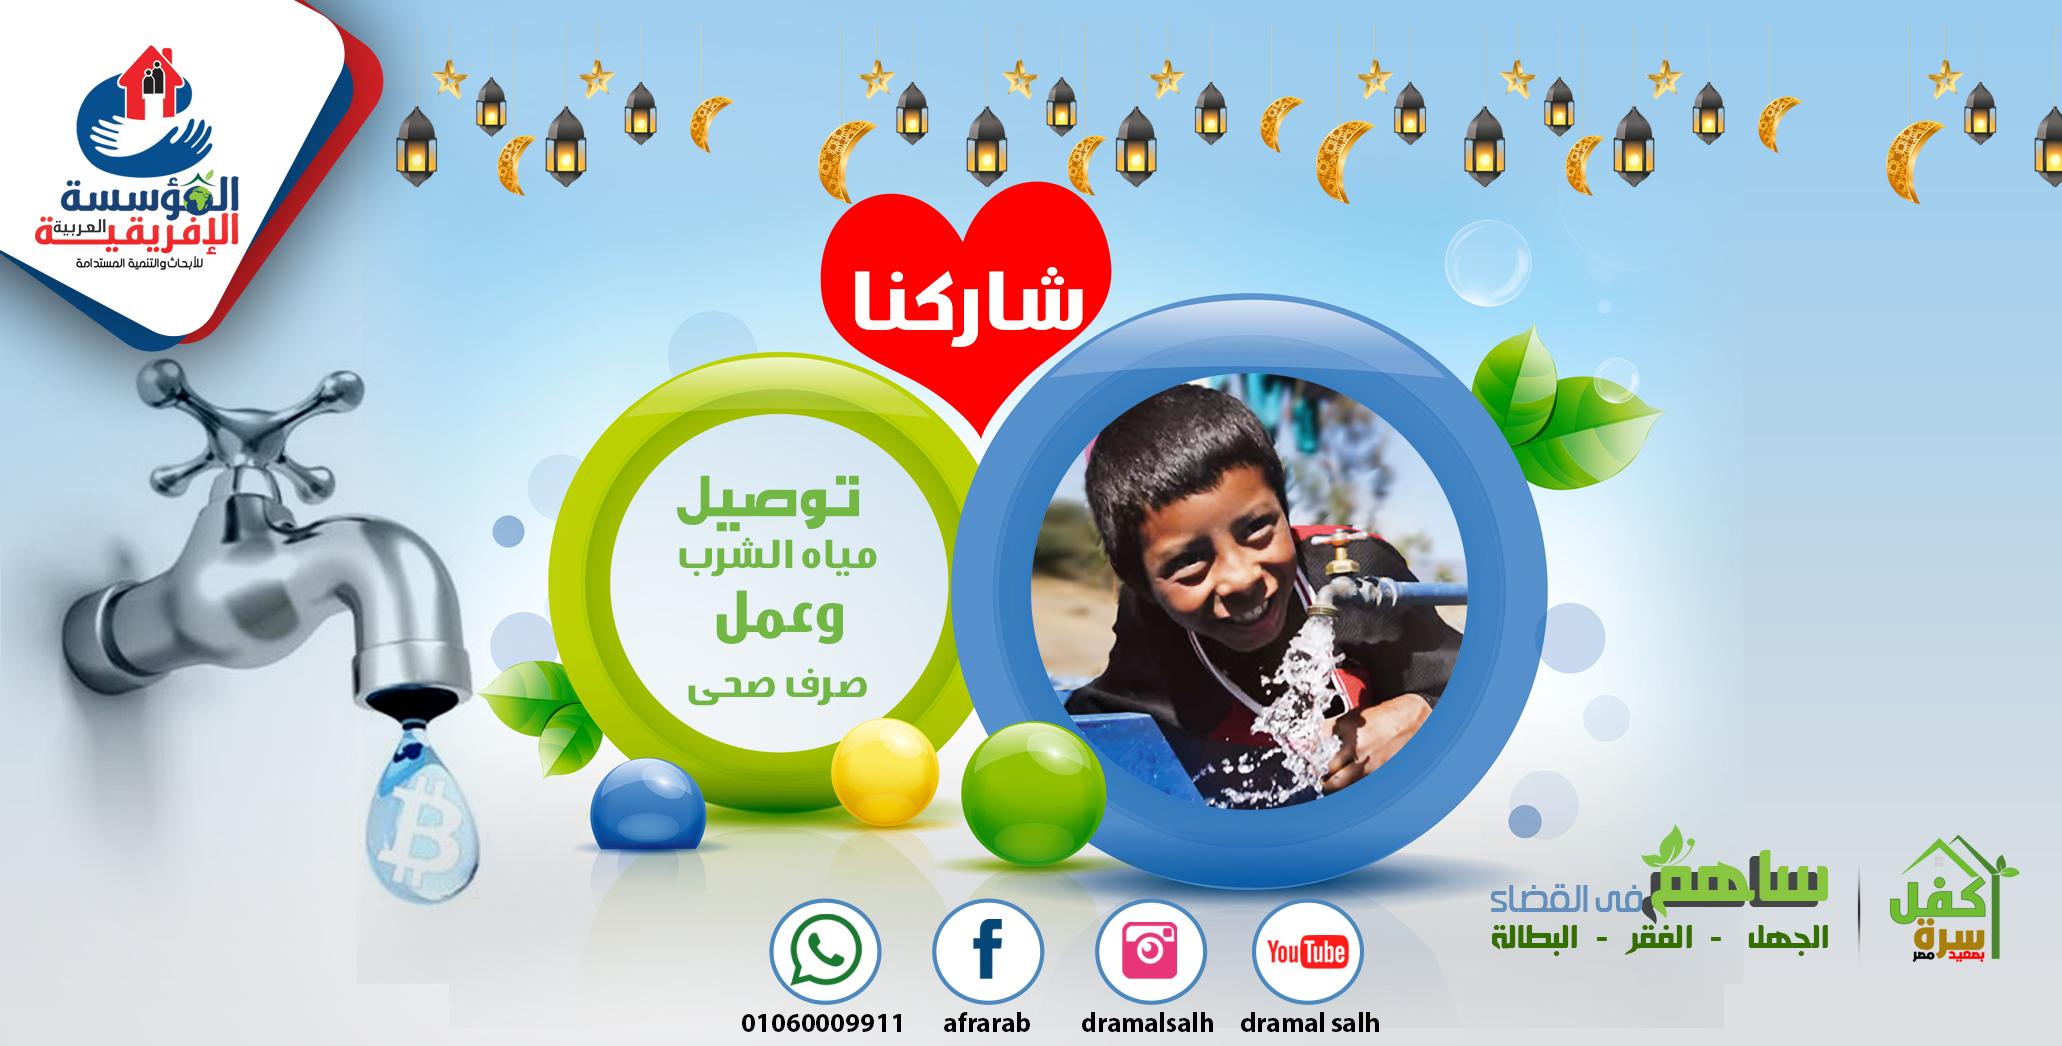 Photo of شاركنا فى توصيل المياه والصرف الصحى